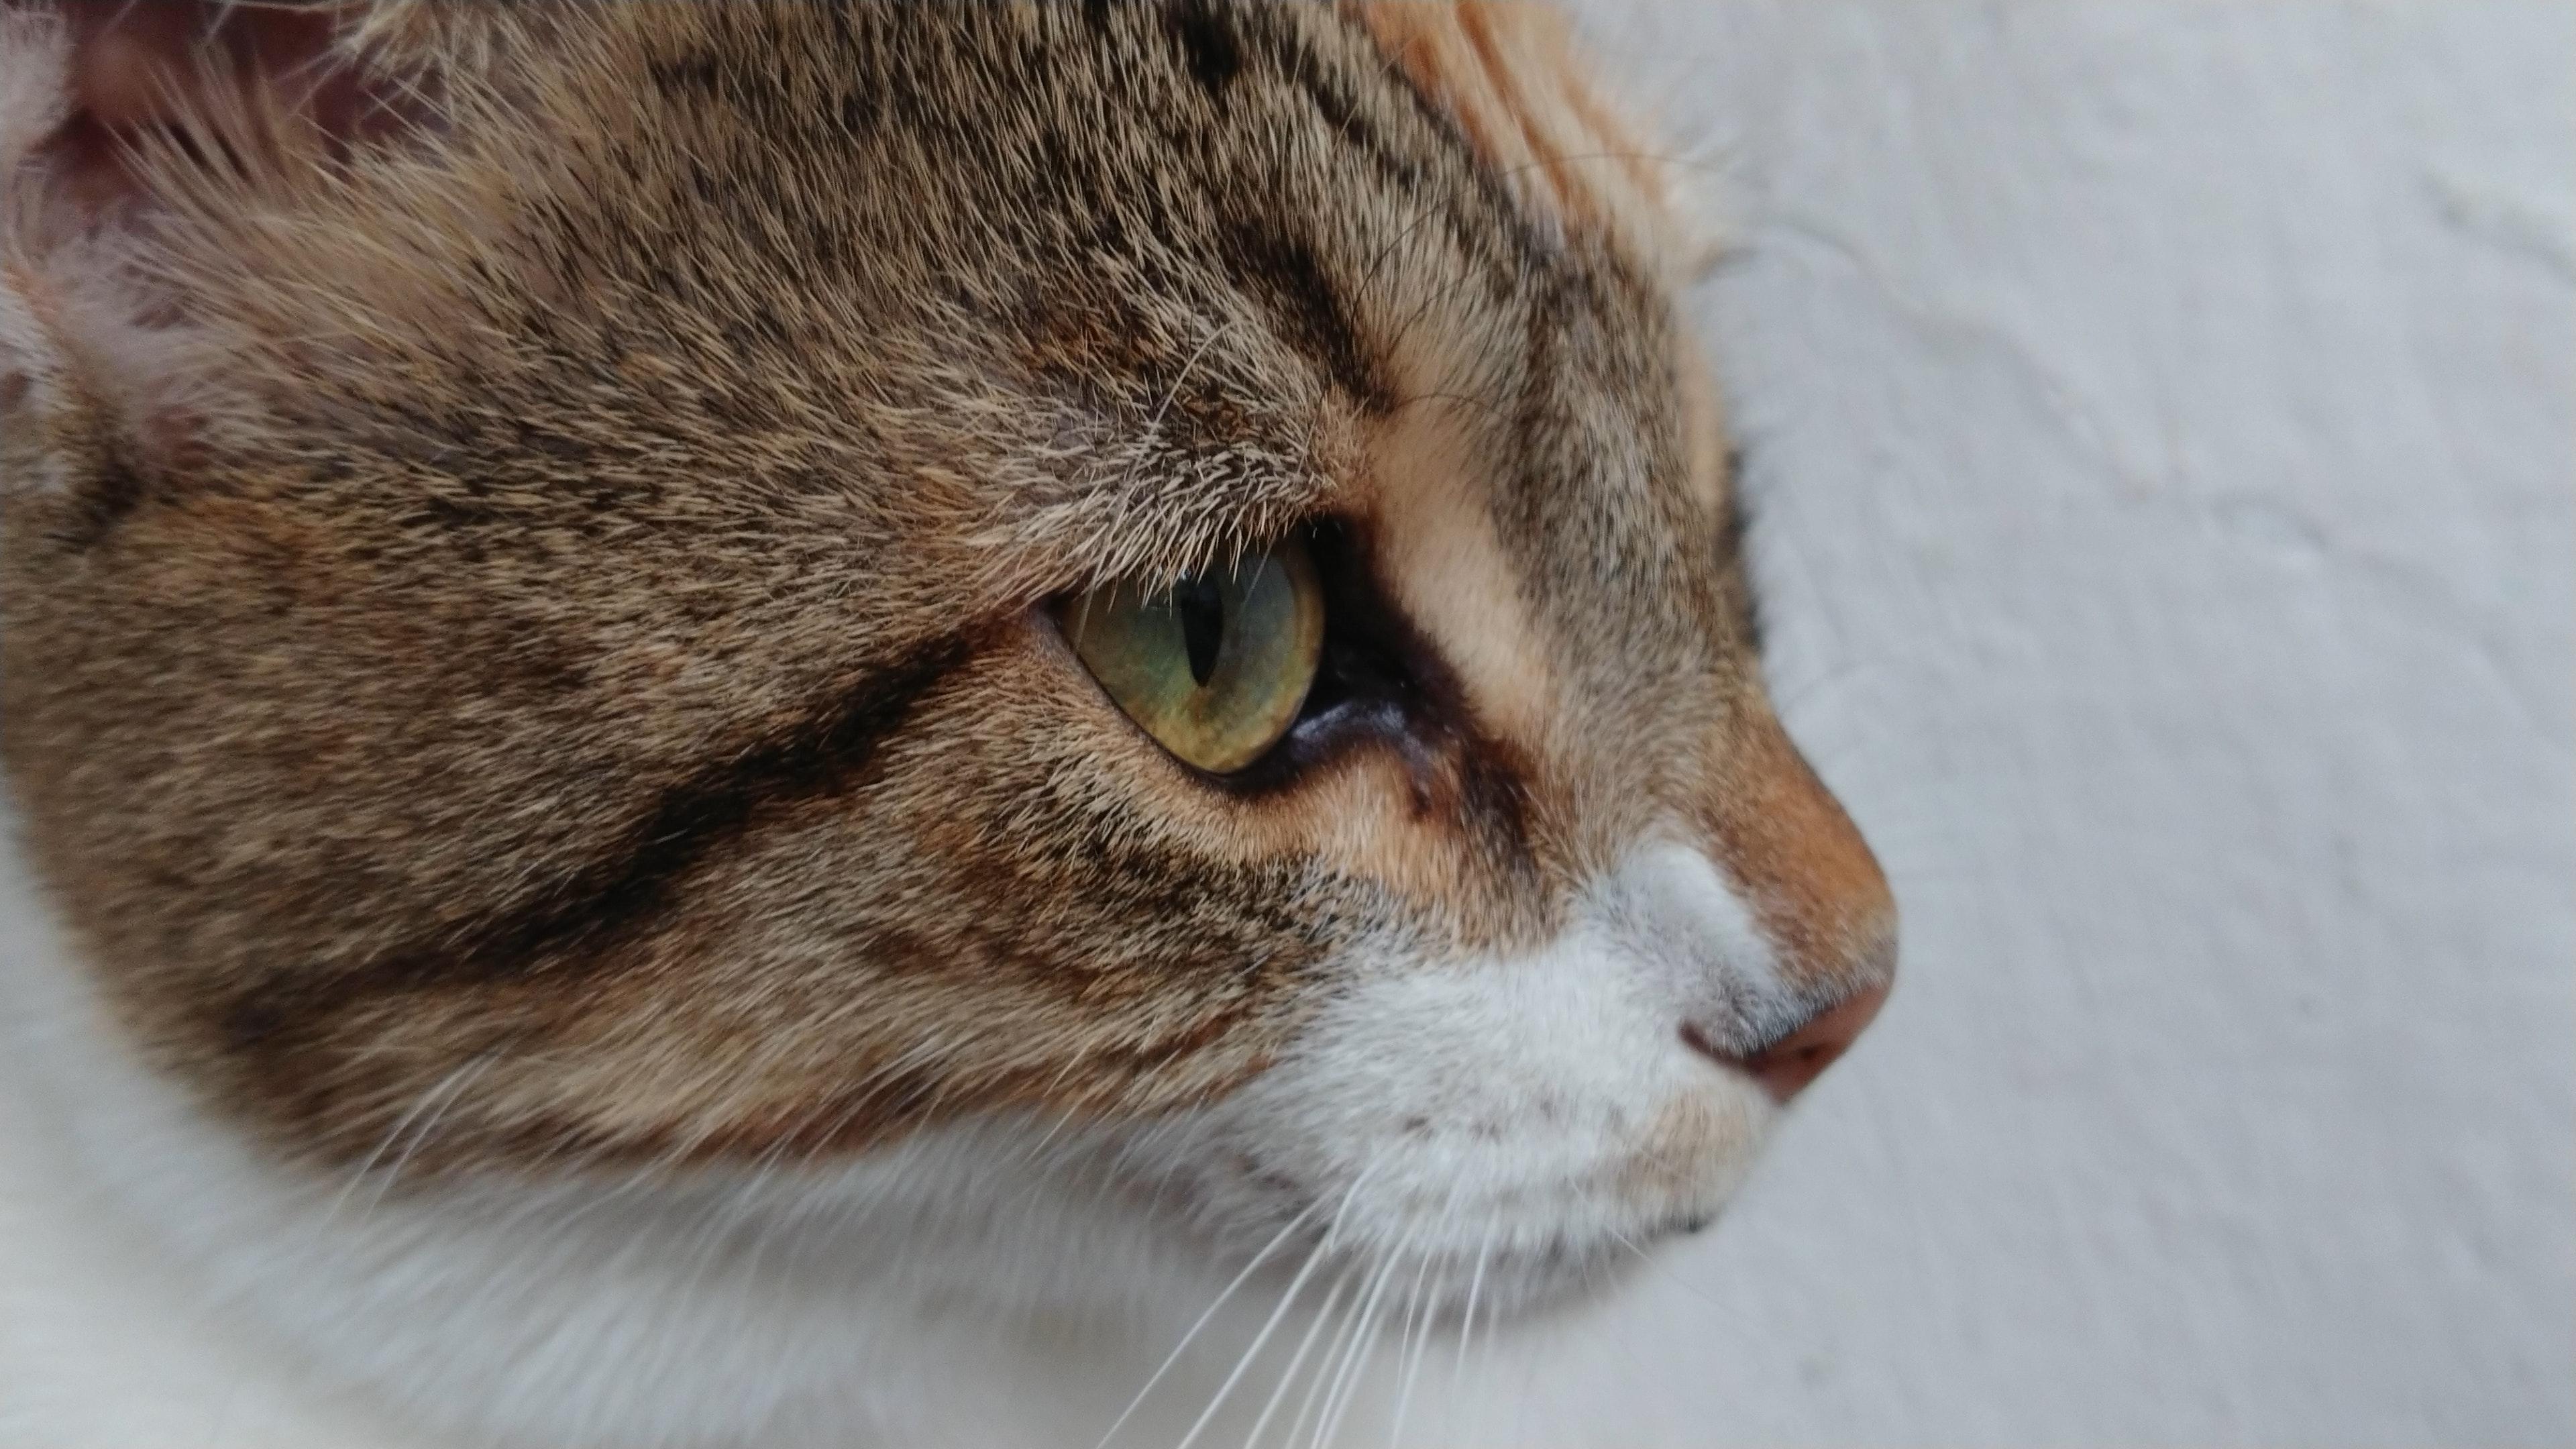 Free stock photo of animals, cat, cat eye